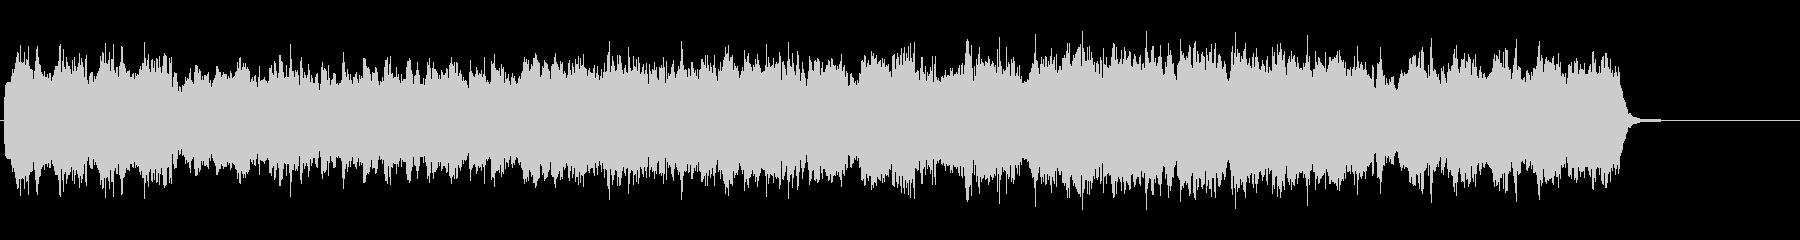 クリスマス メルヘン ほのぼの かわいいの未再生の波形